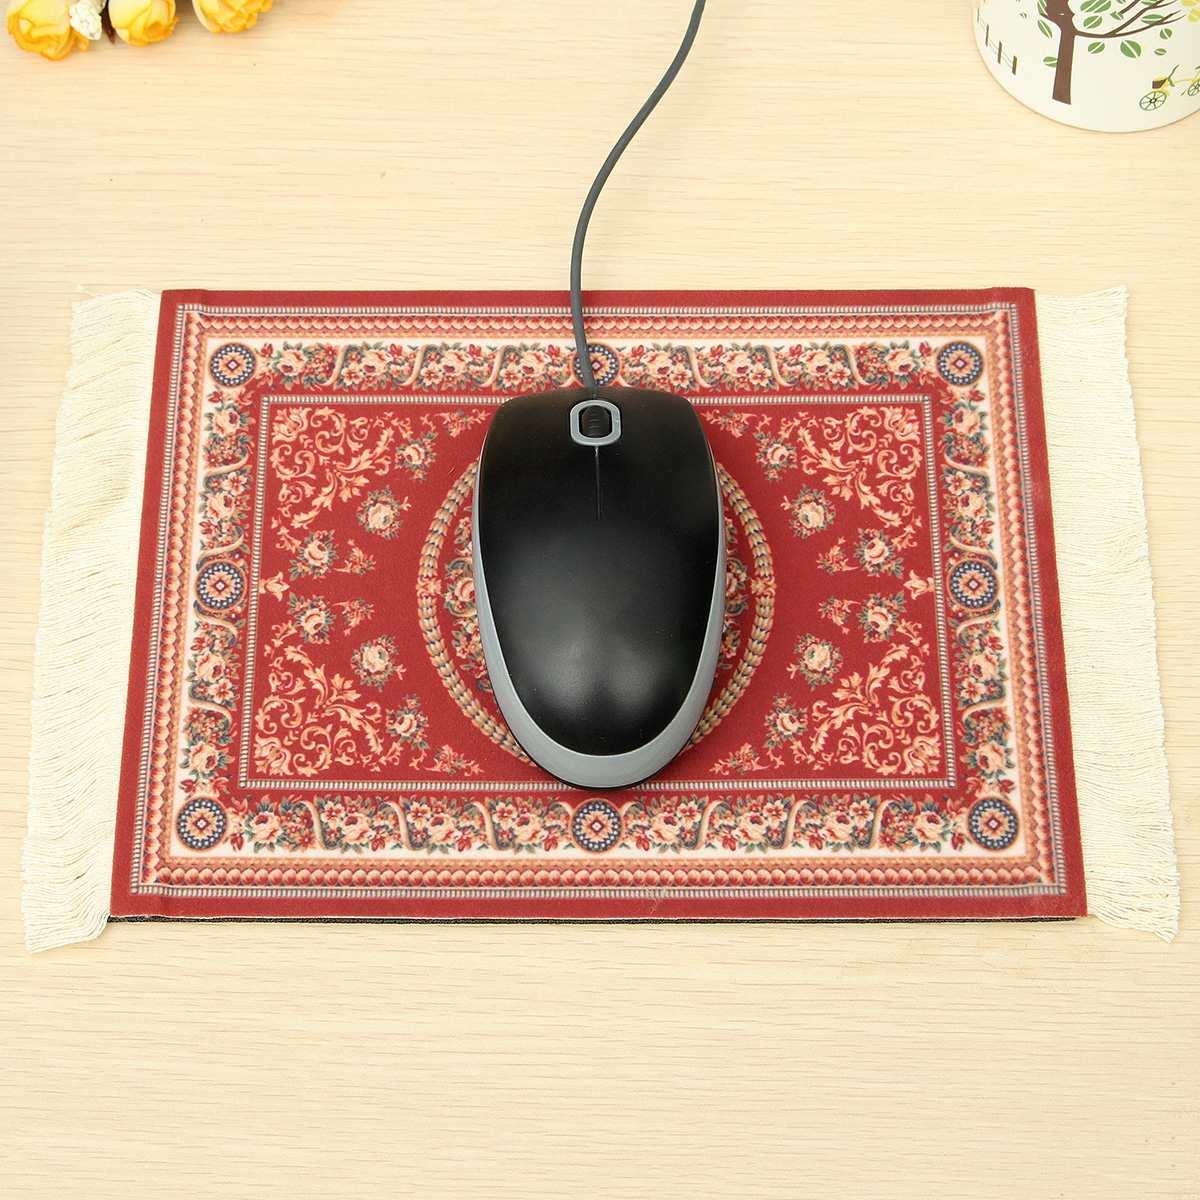 Мышка на персидском ковре